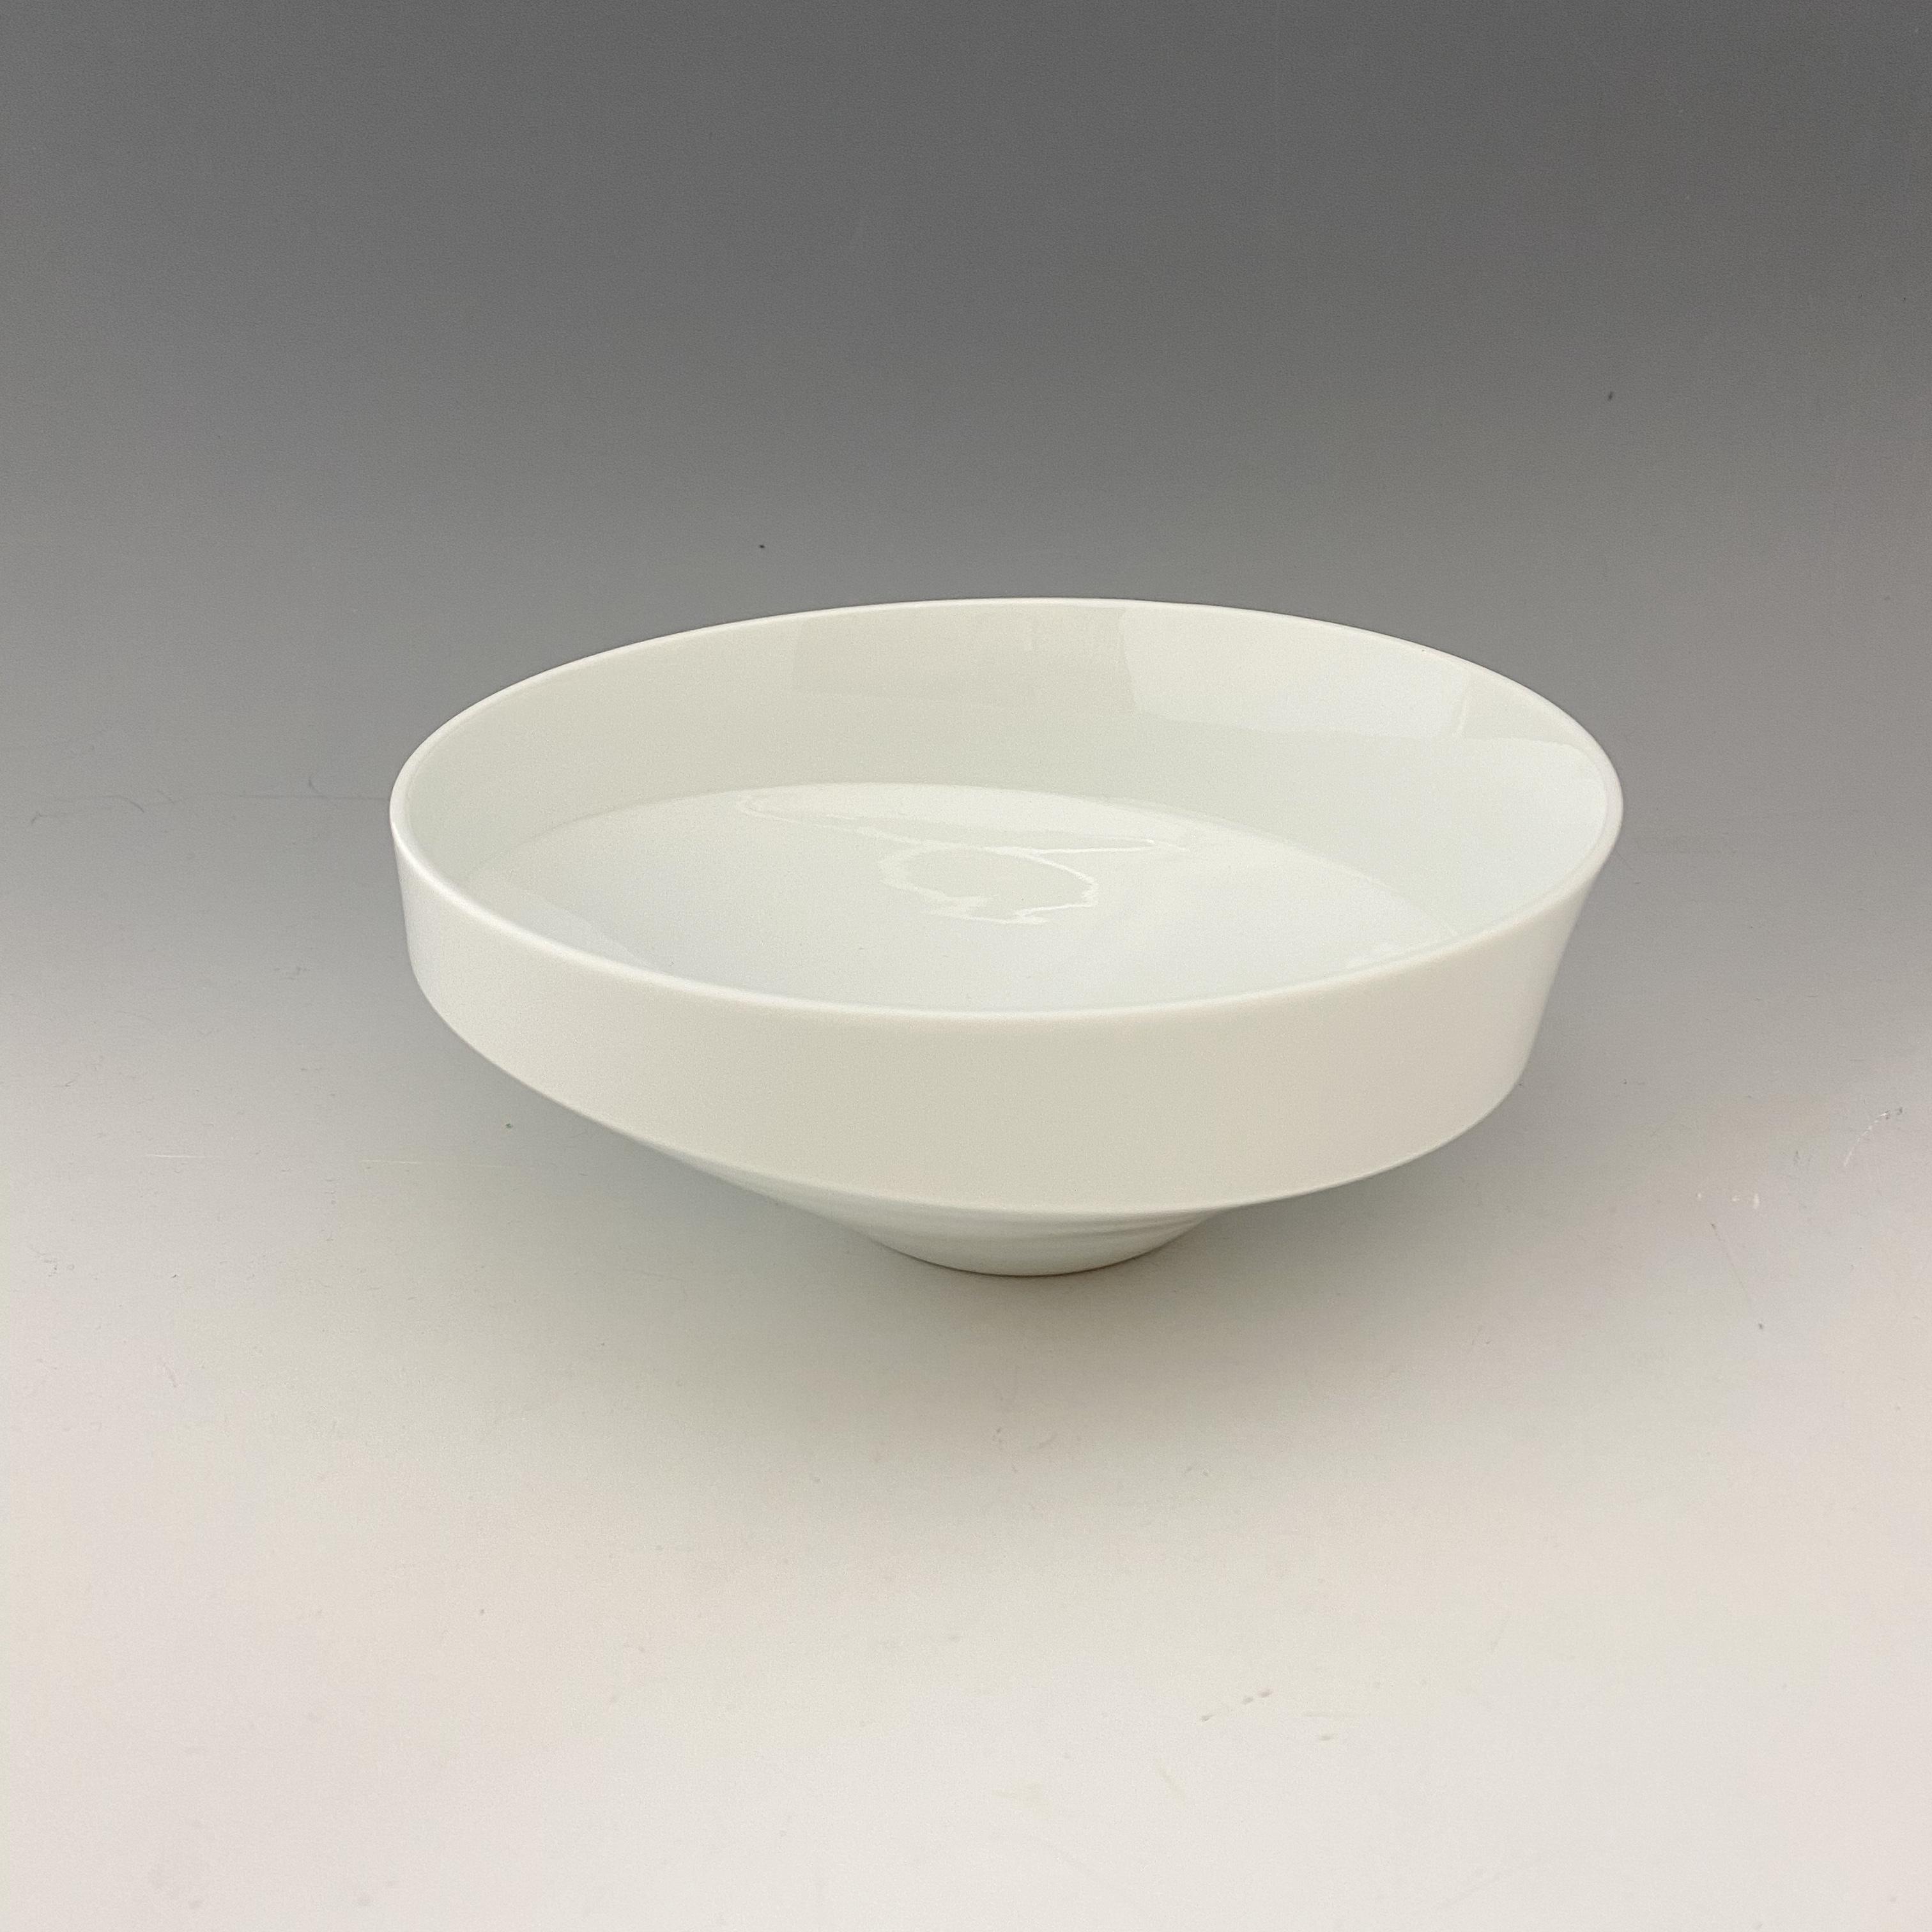 【中尾純】白磁鉢(小•深)